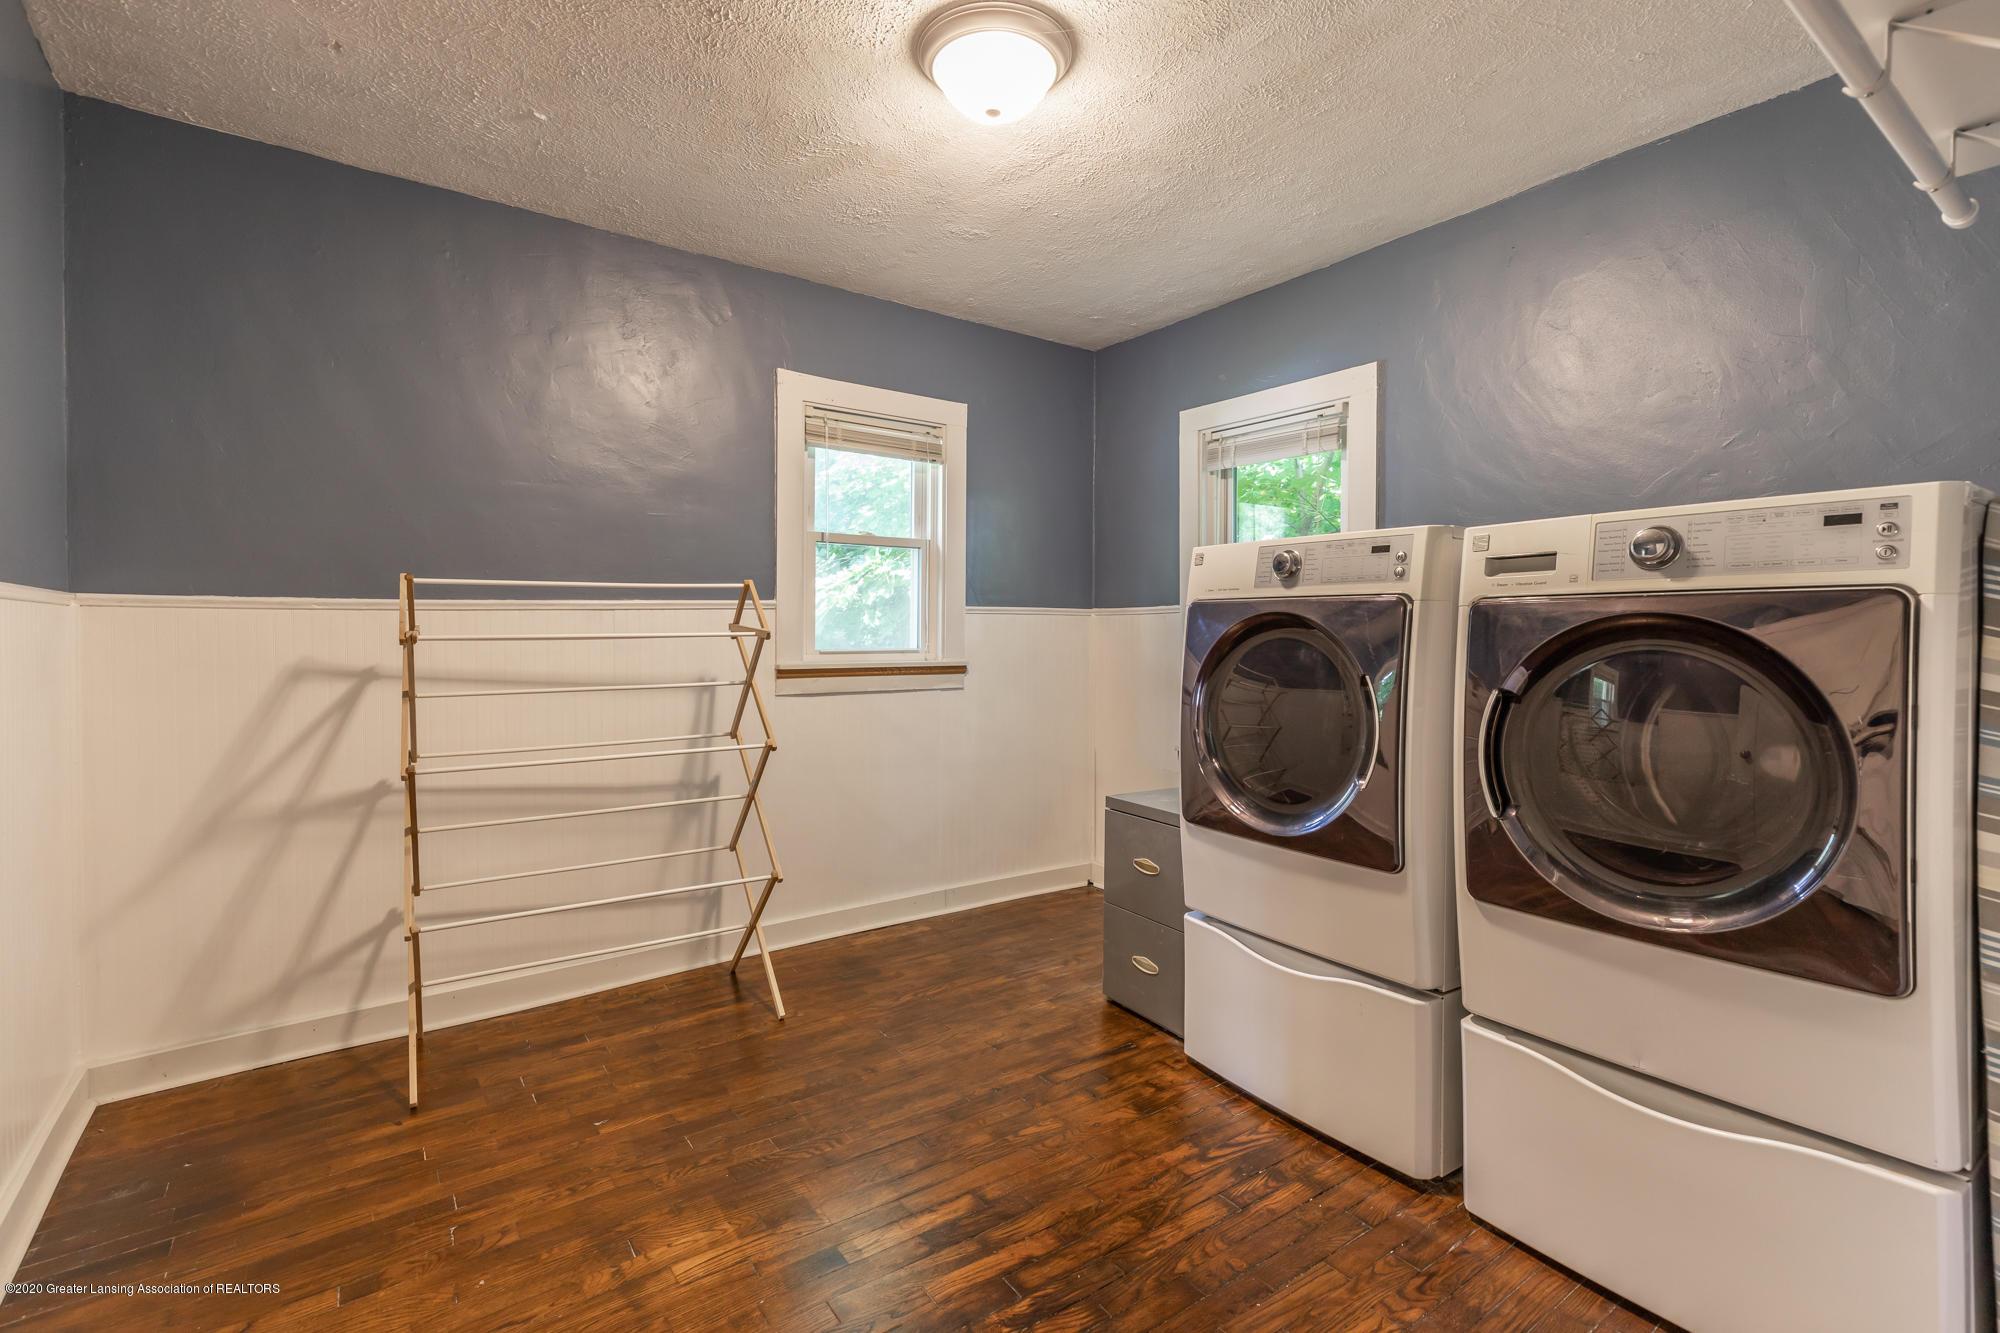 125 W Randolph St - randolphlaundry (1 of 1) - 16